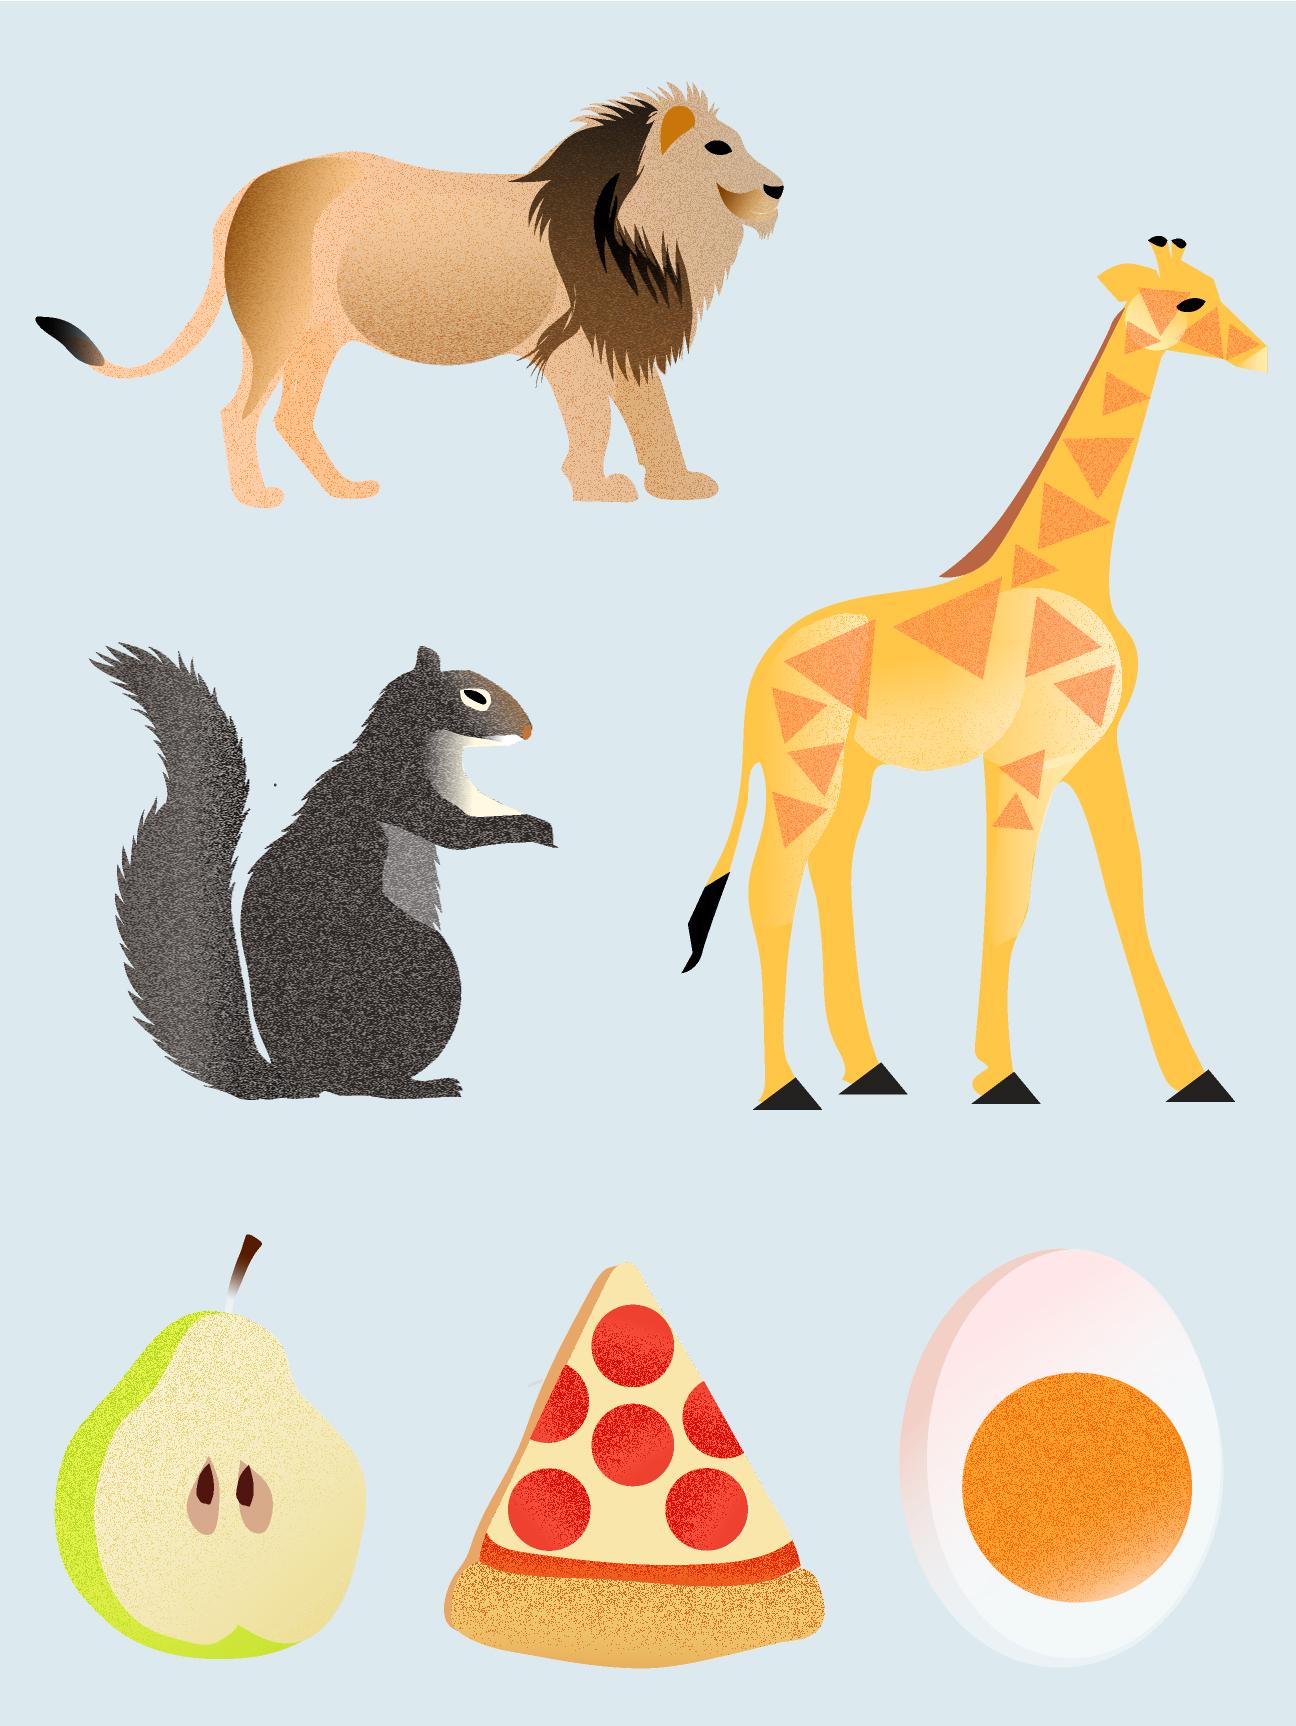 animais_comida_Catarina_Garcia